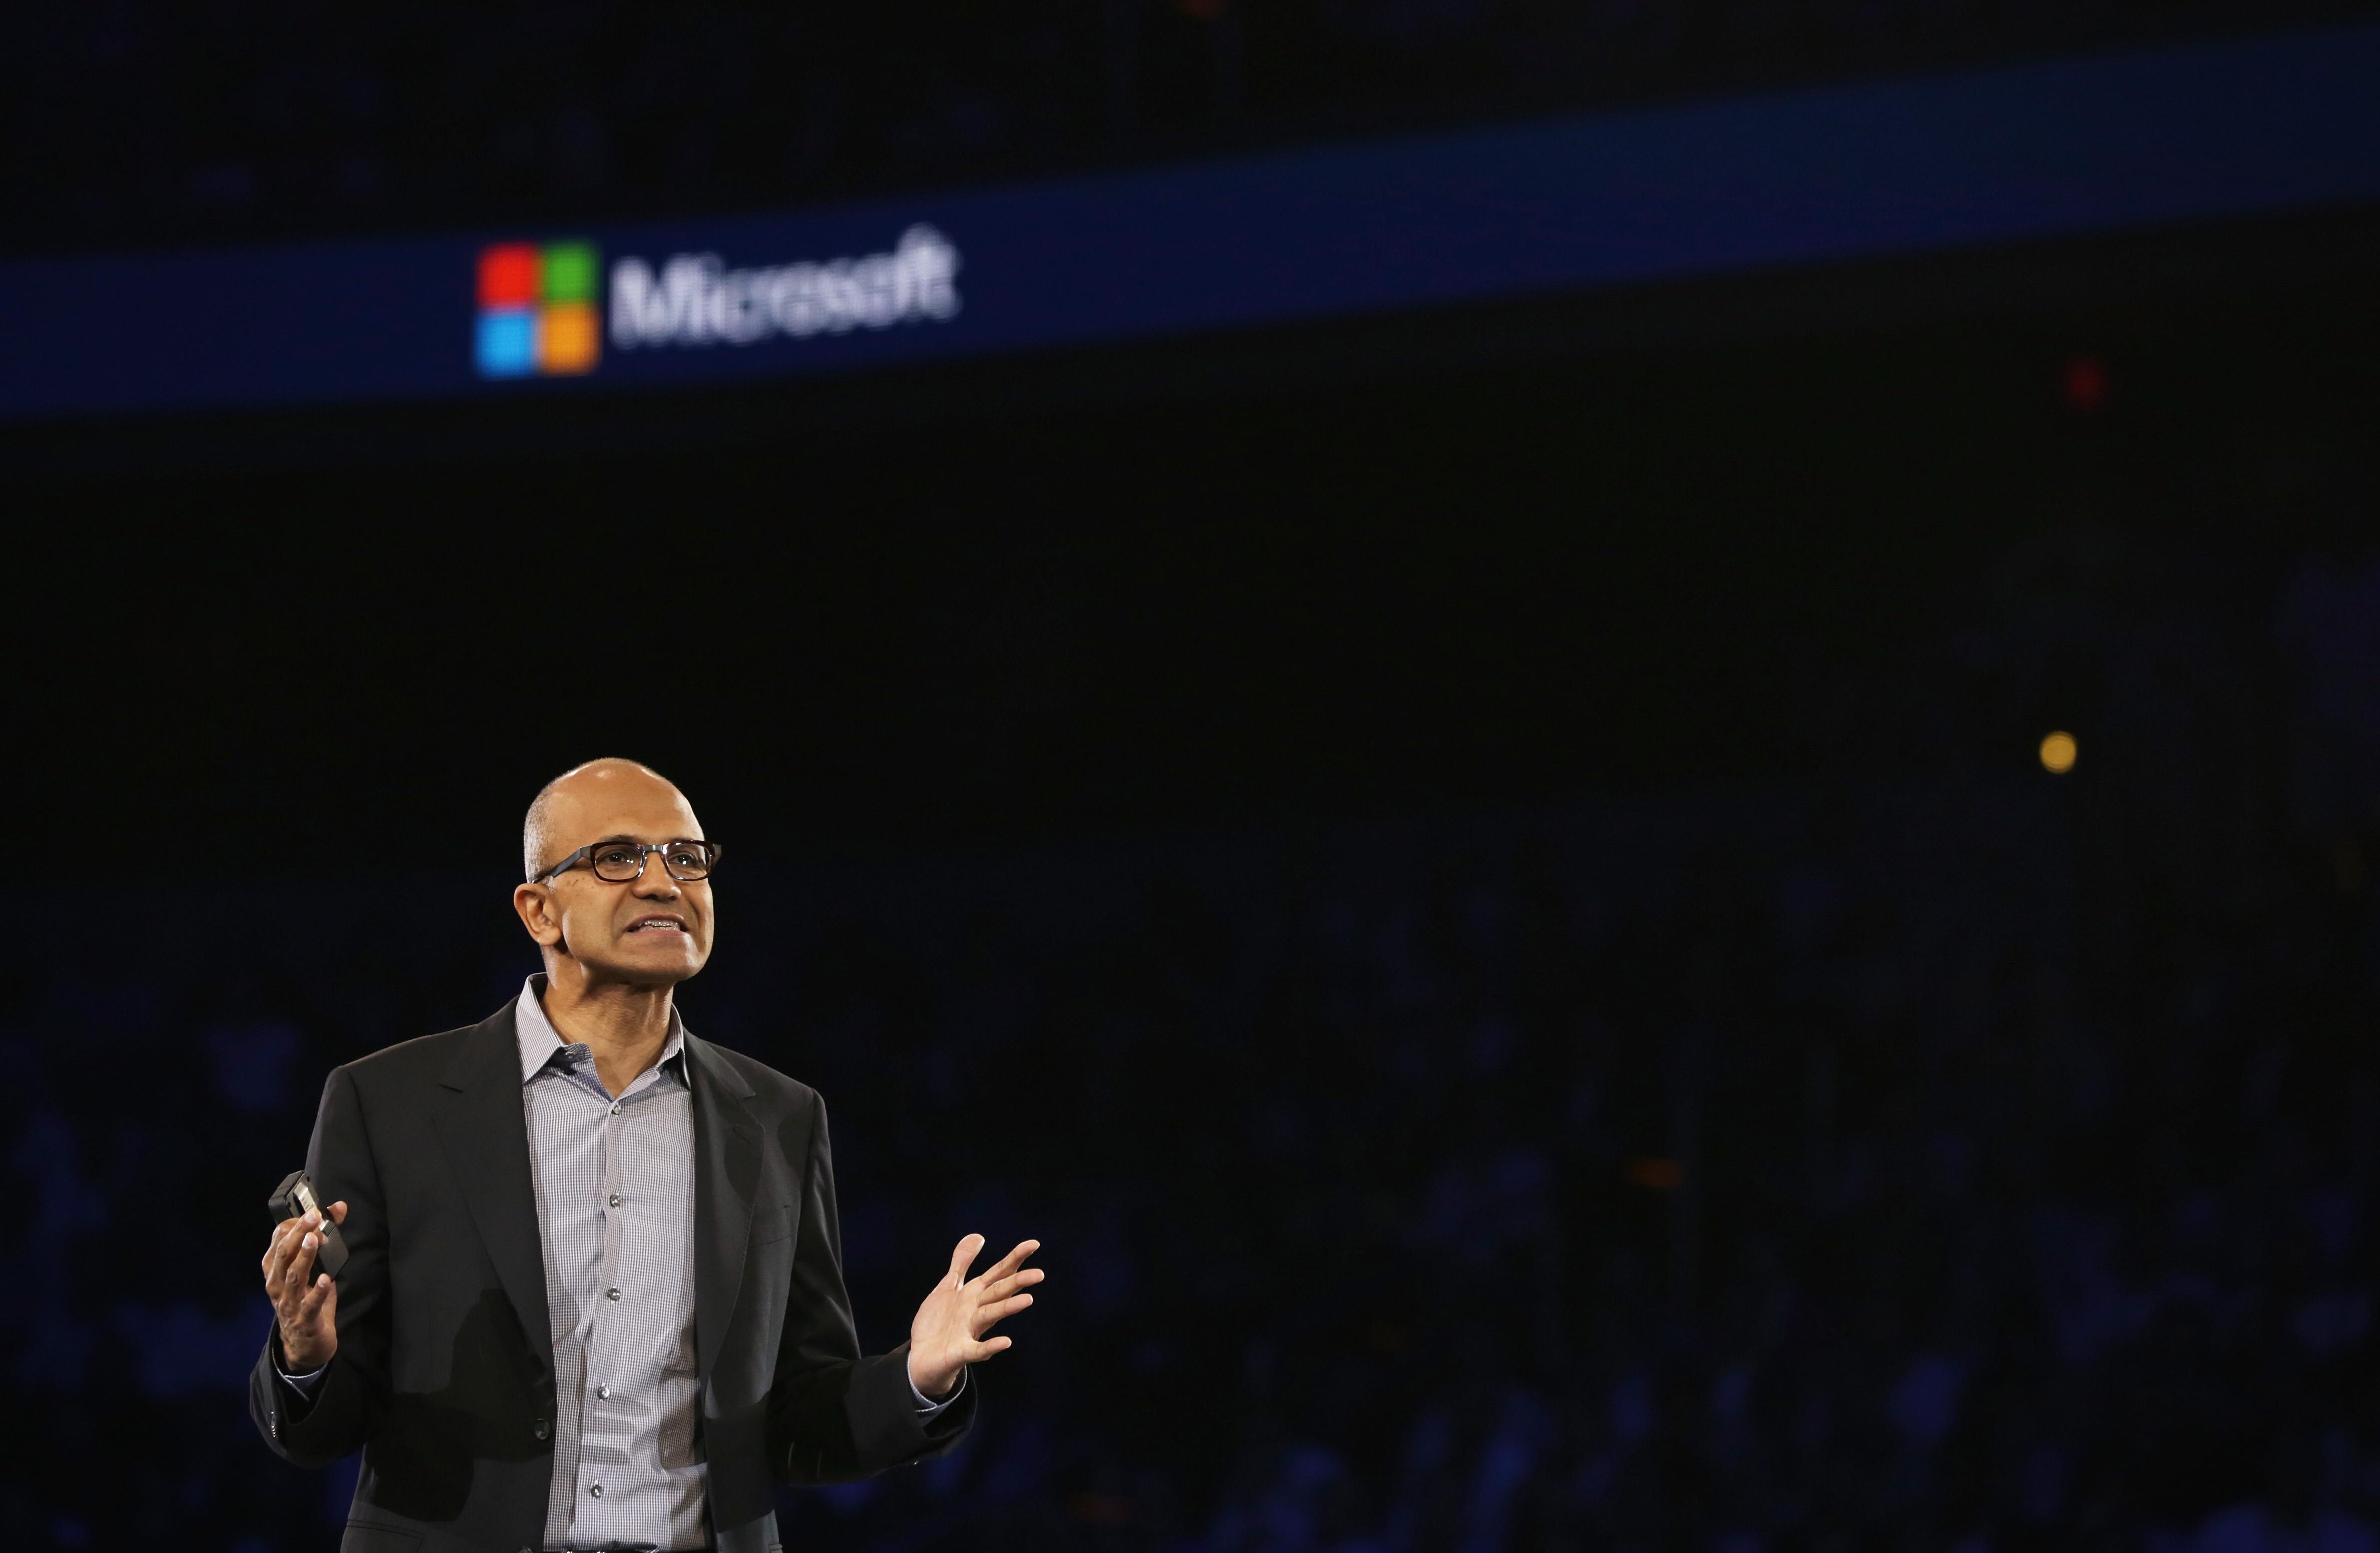 Шеф от Майкрософт е избран за личност на годината от FT